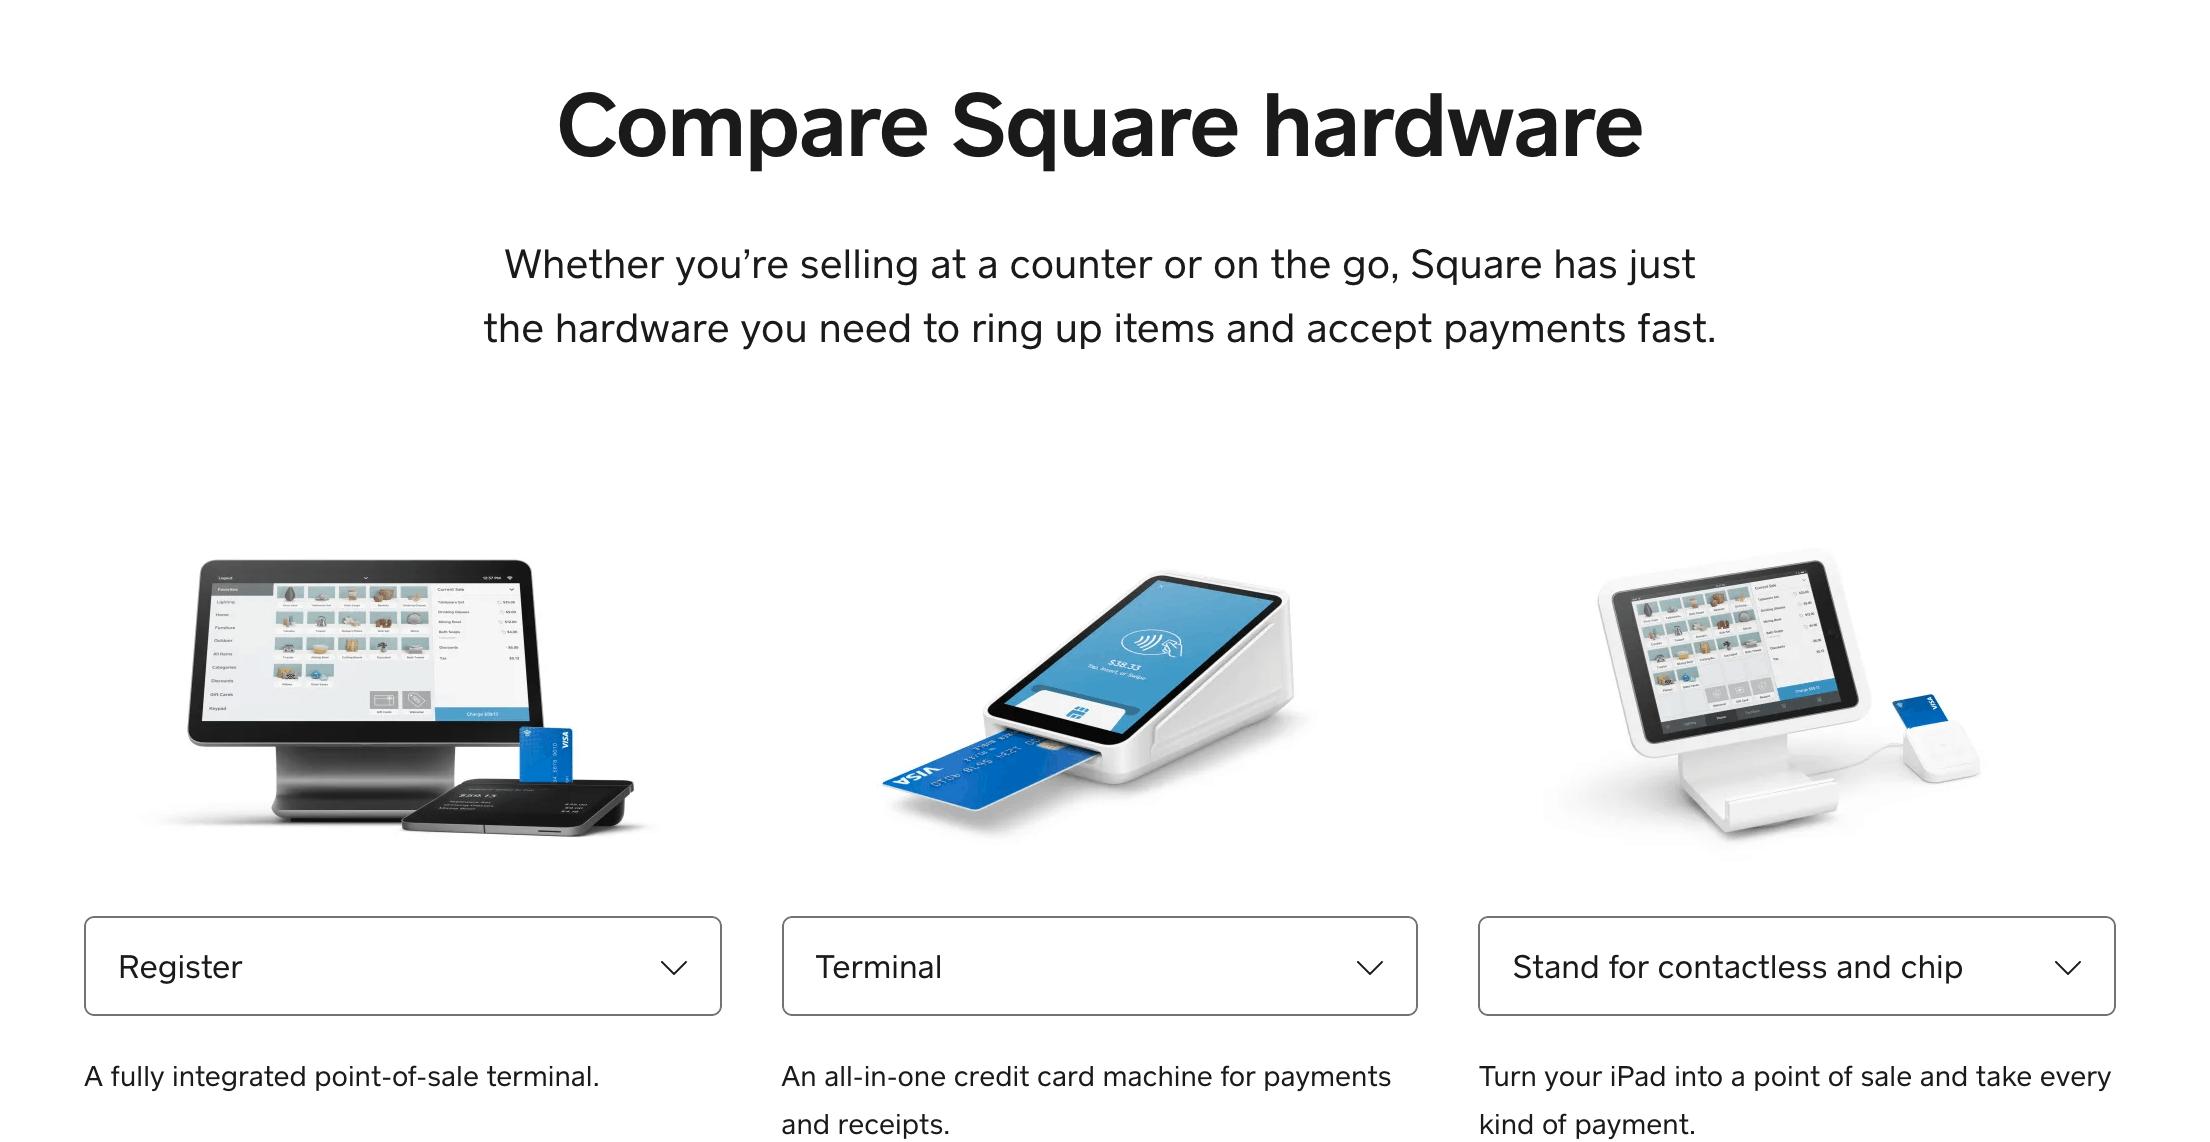 Square hardware comparison